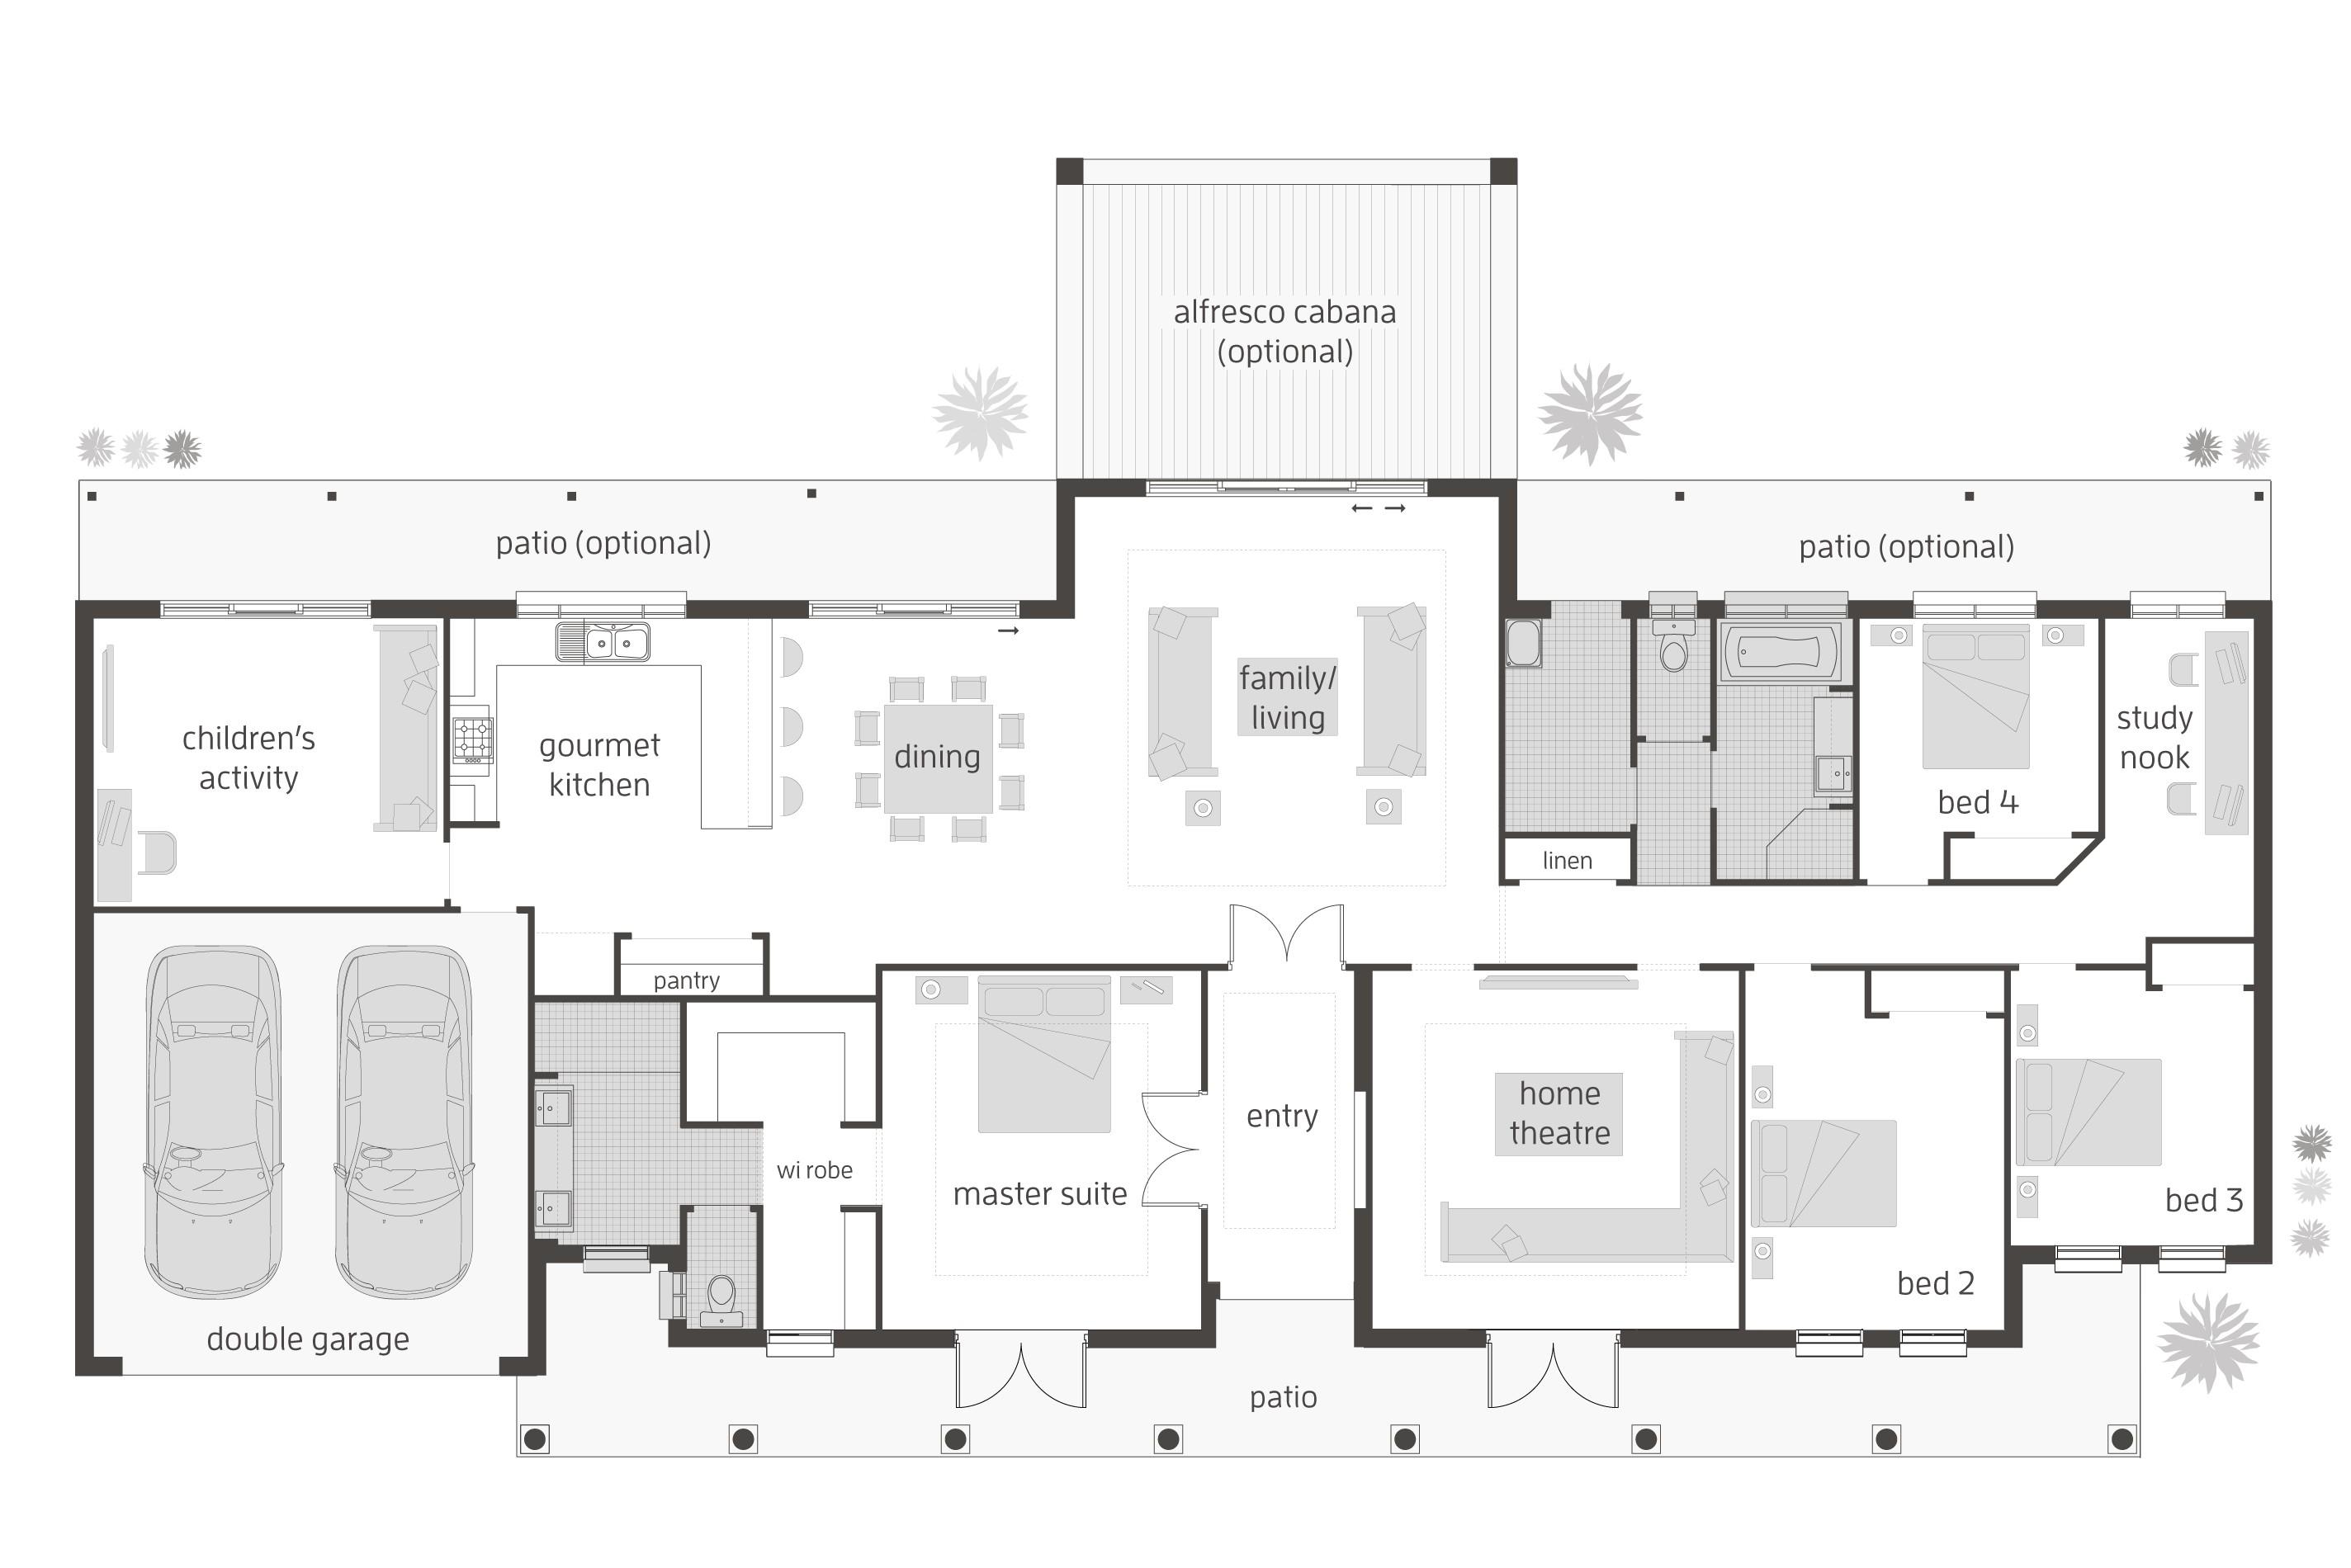 floor plan friday 4 bedroom childrens activity room